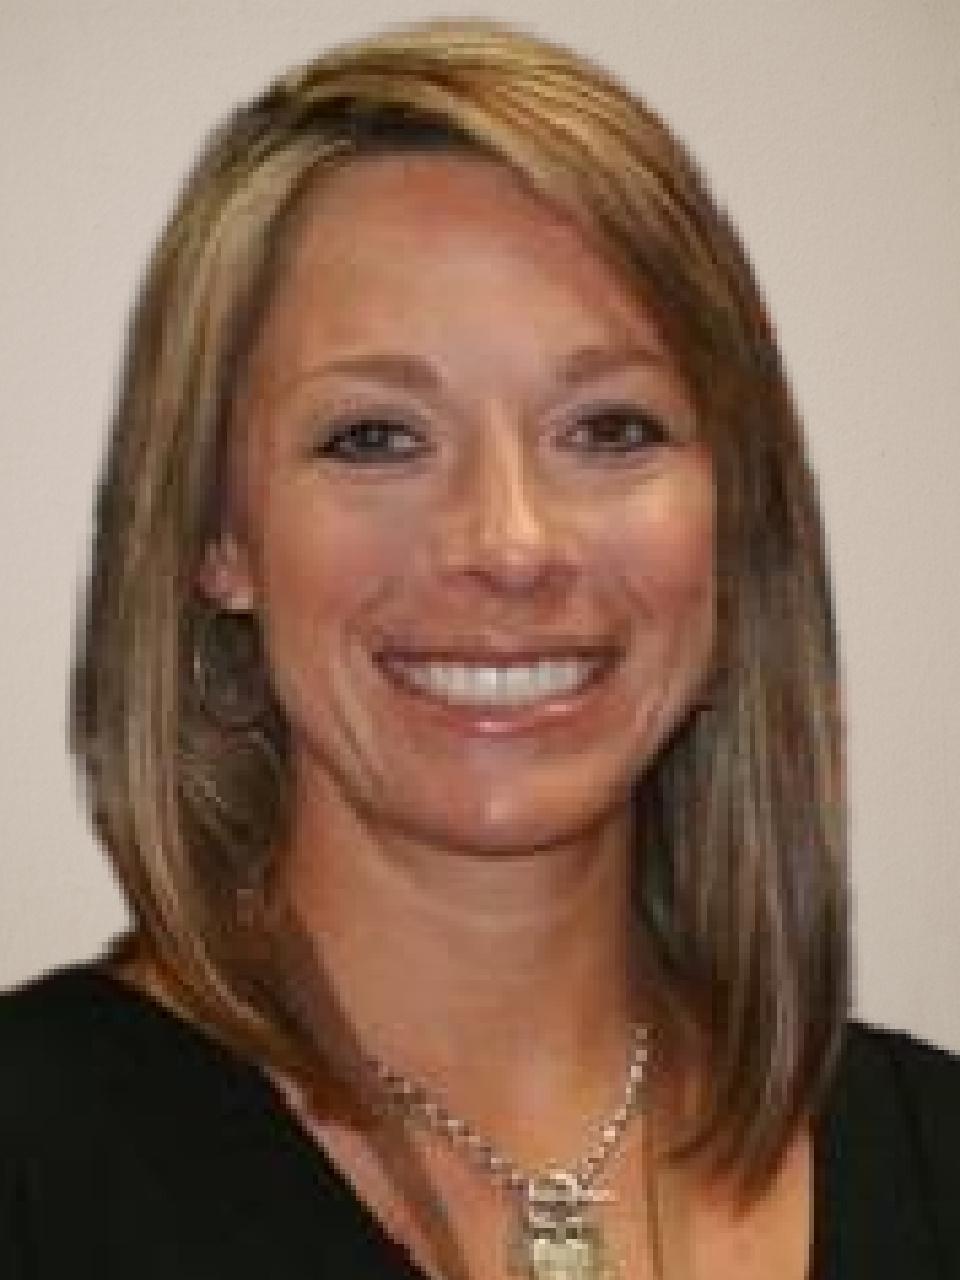 Close-up of Jennifer Klinger